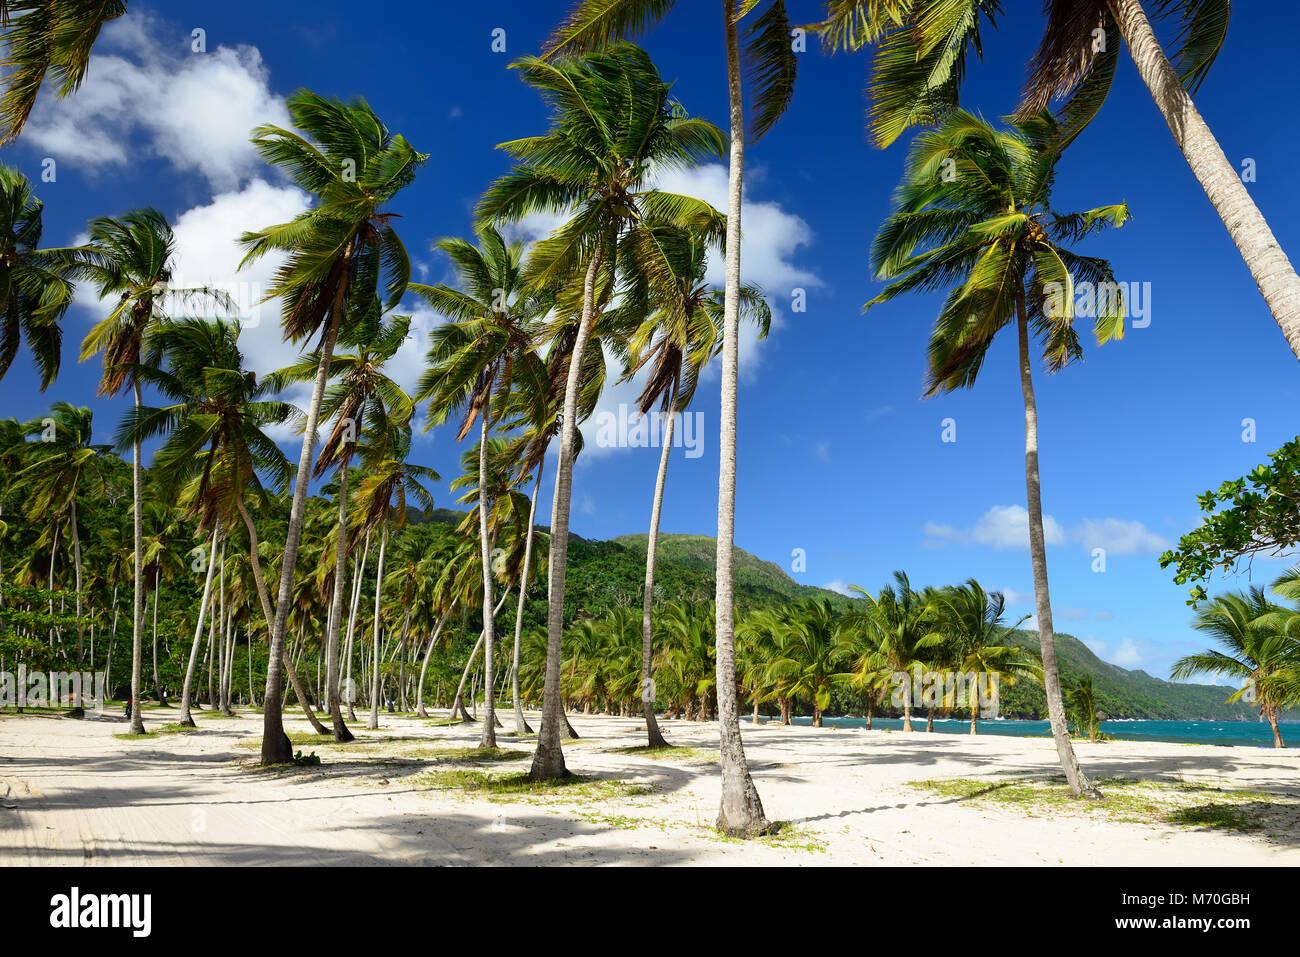 La plage de Rincon sur République Dominicaine. Photo Stock